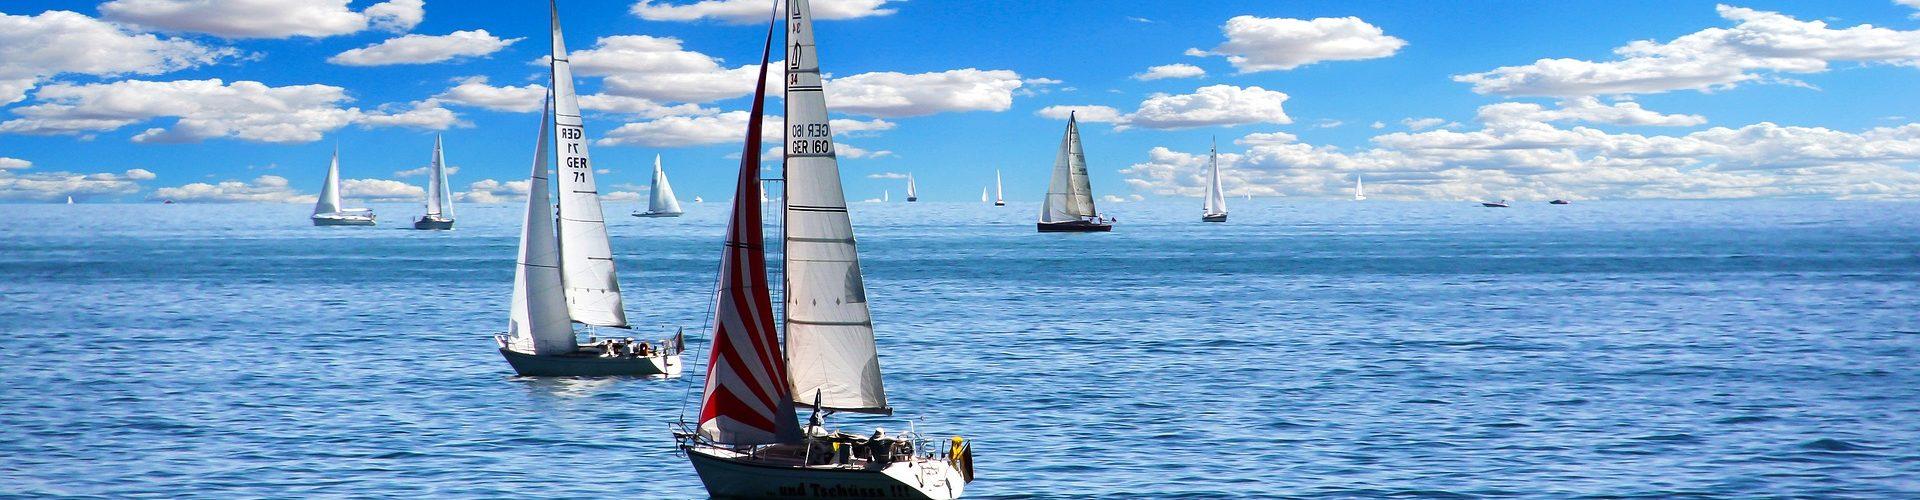 segeln lernen in Haren segelschein machen in Haren 1920x500 - Segeln lernen in Haren